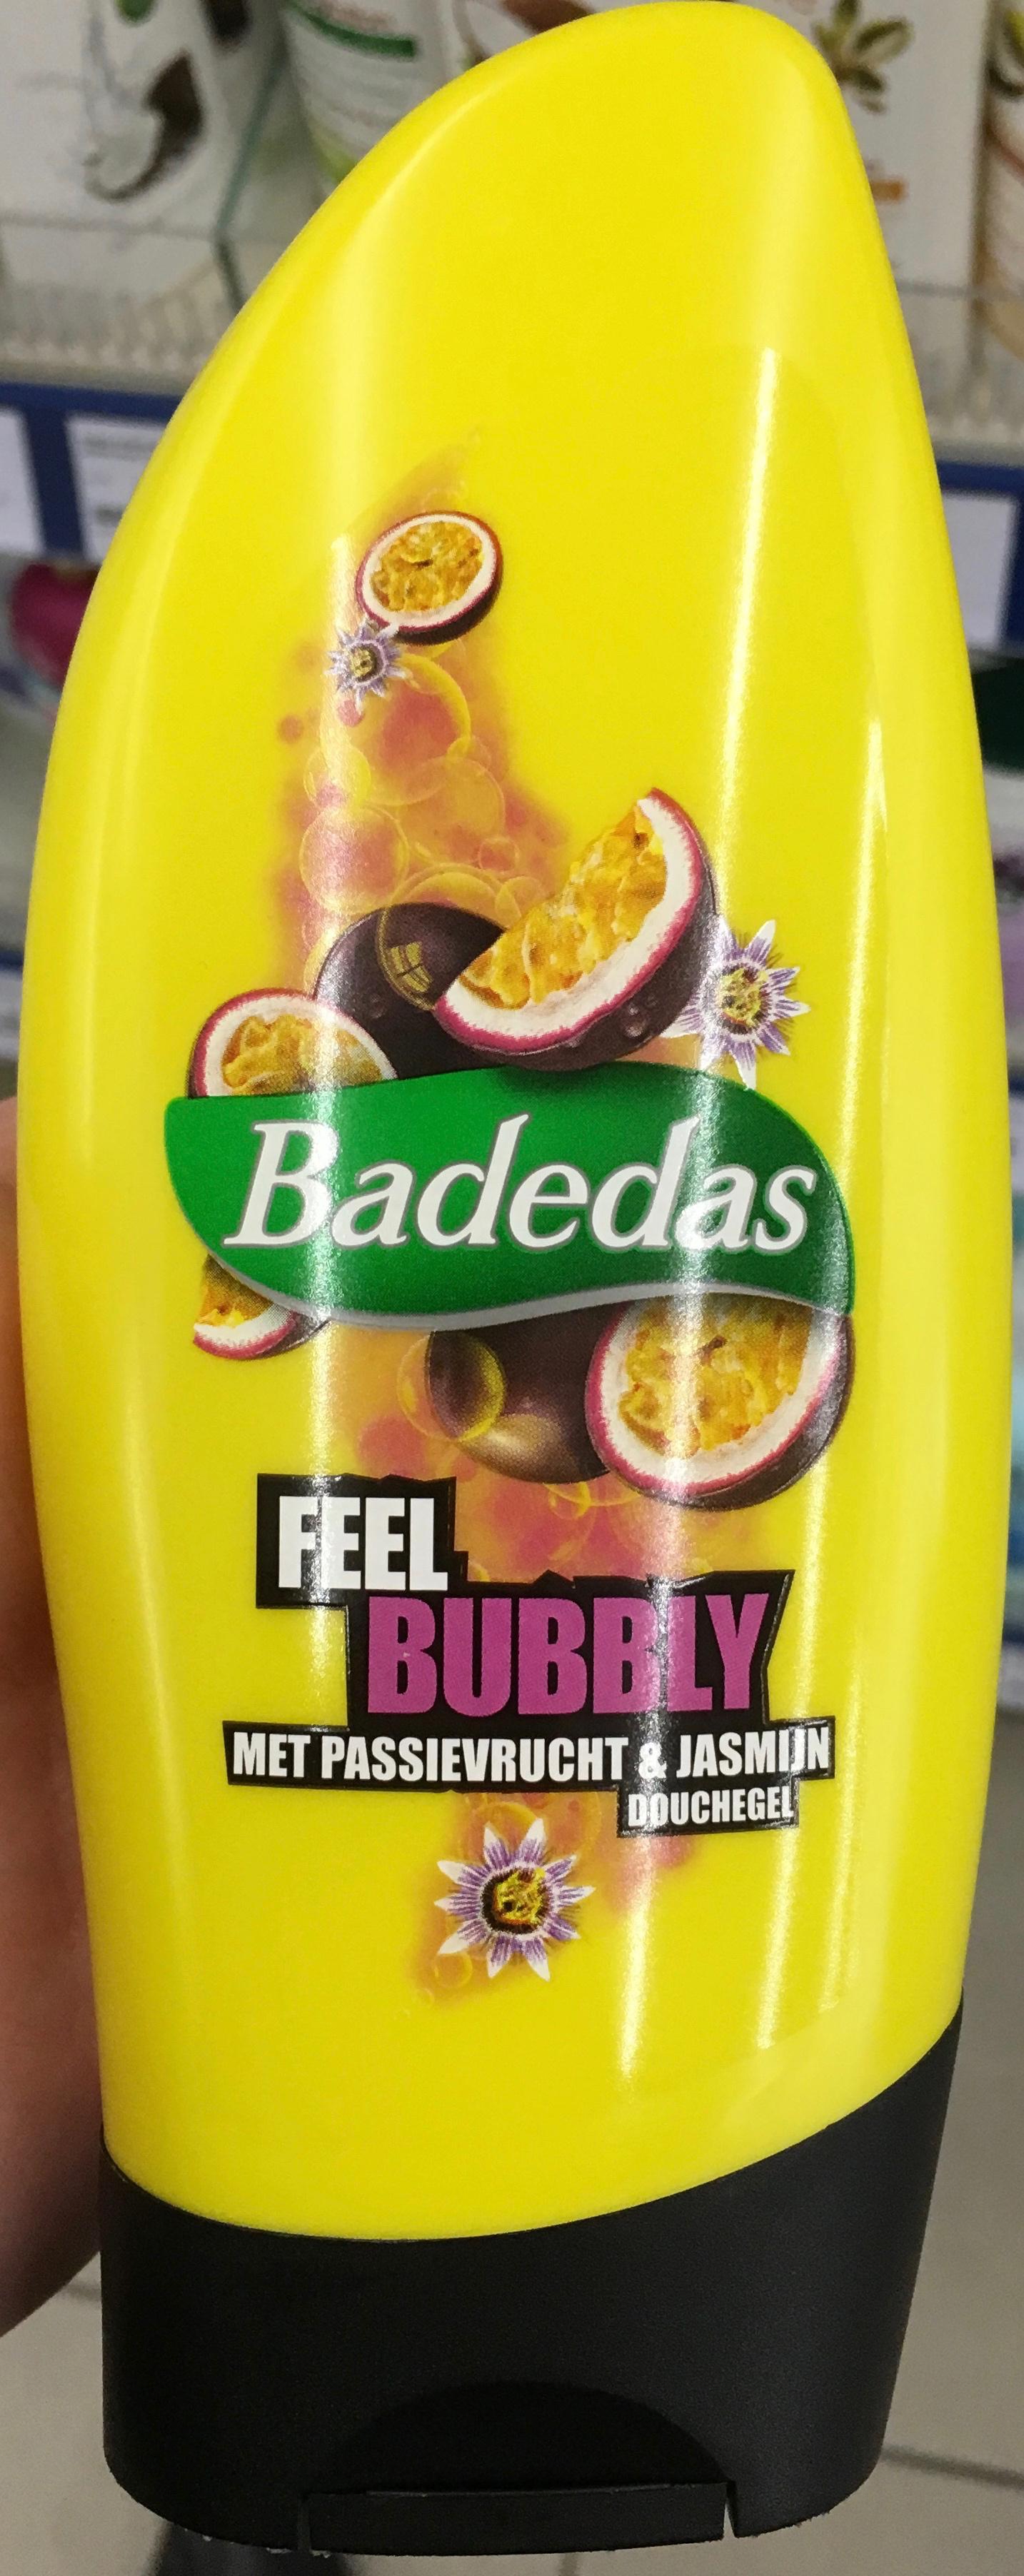 Feel Bubbly met Passievrucht & Jasmijn Douchegel - Produit